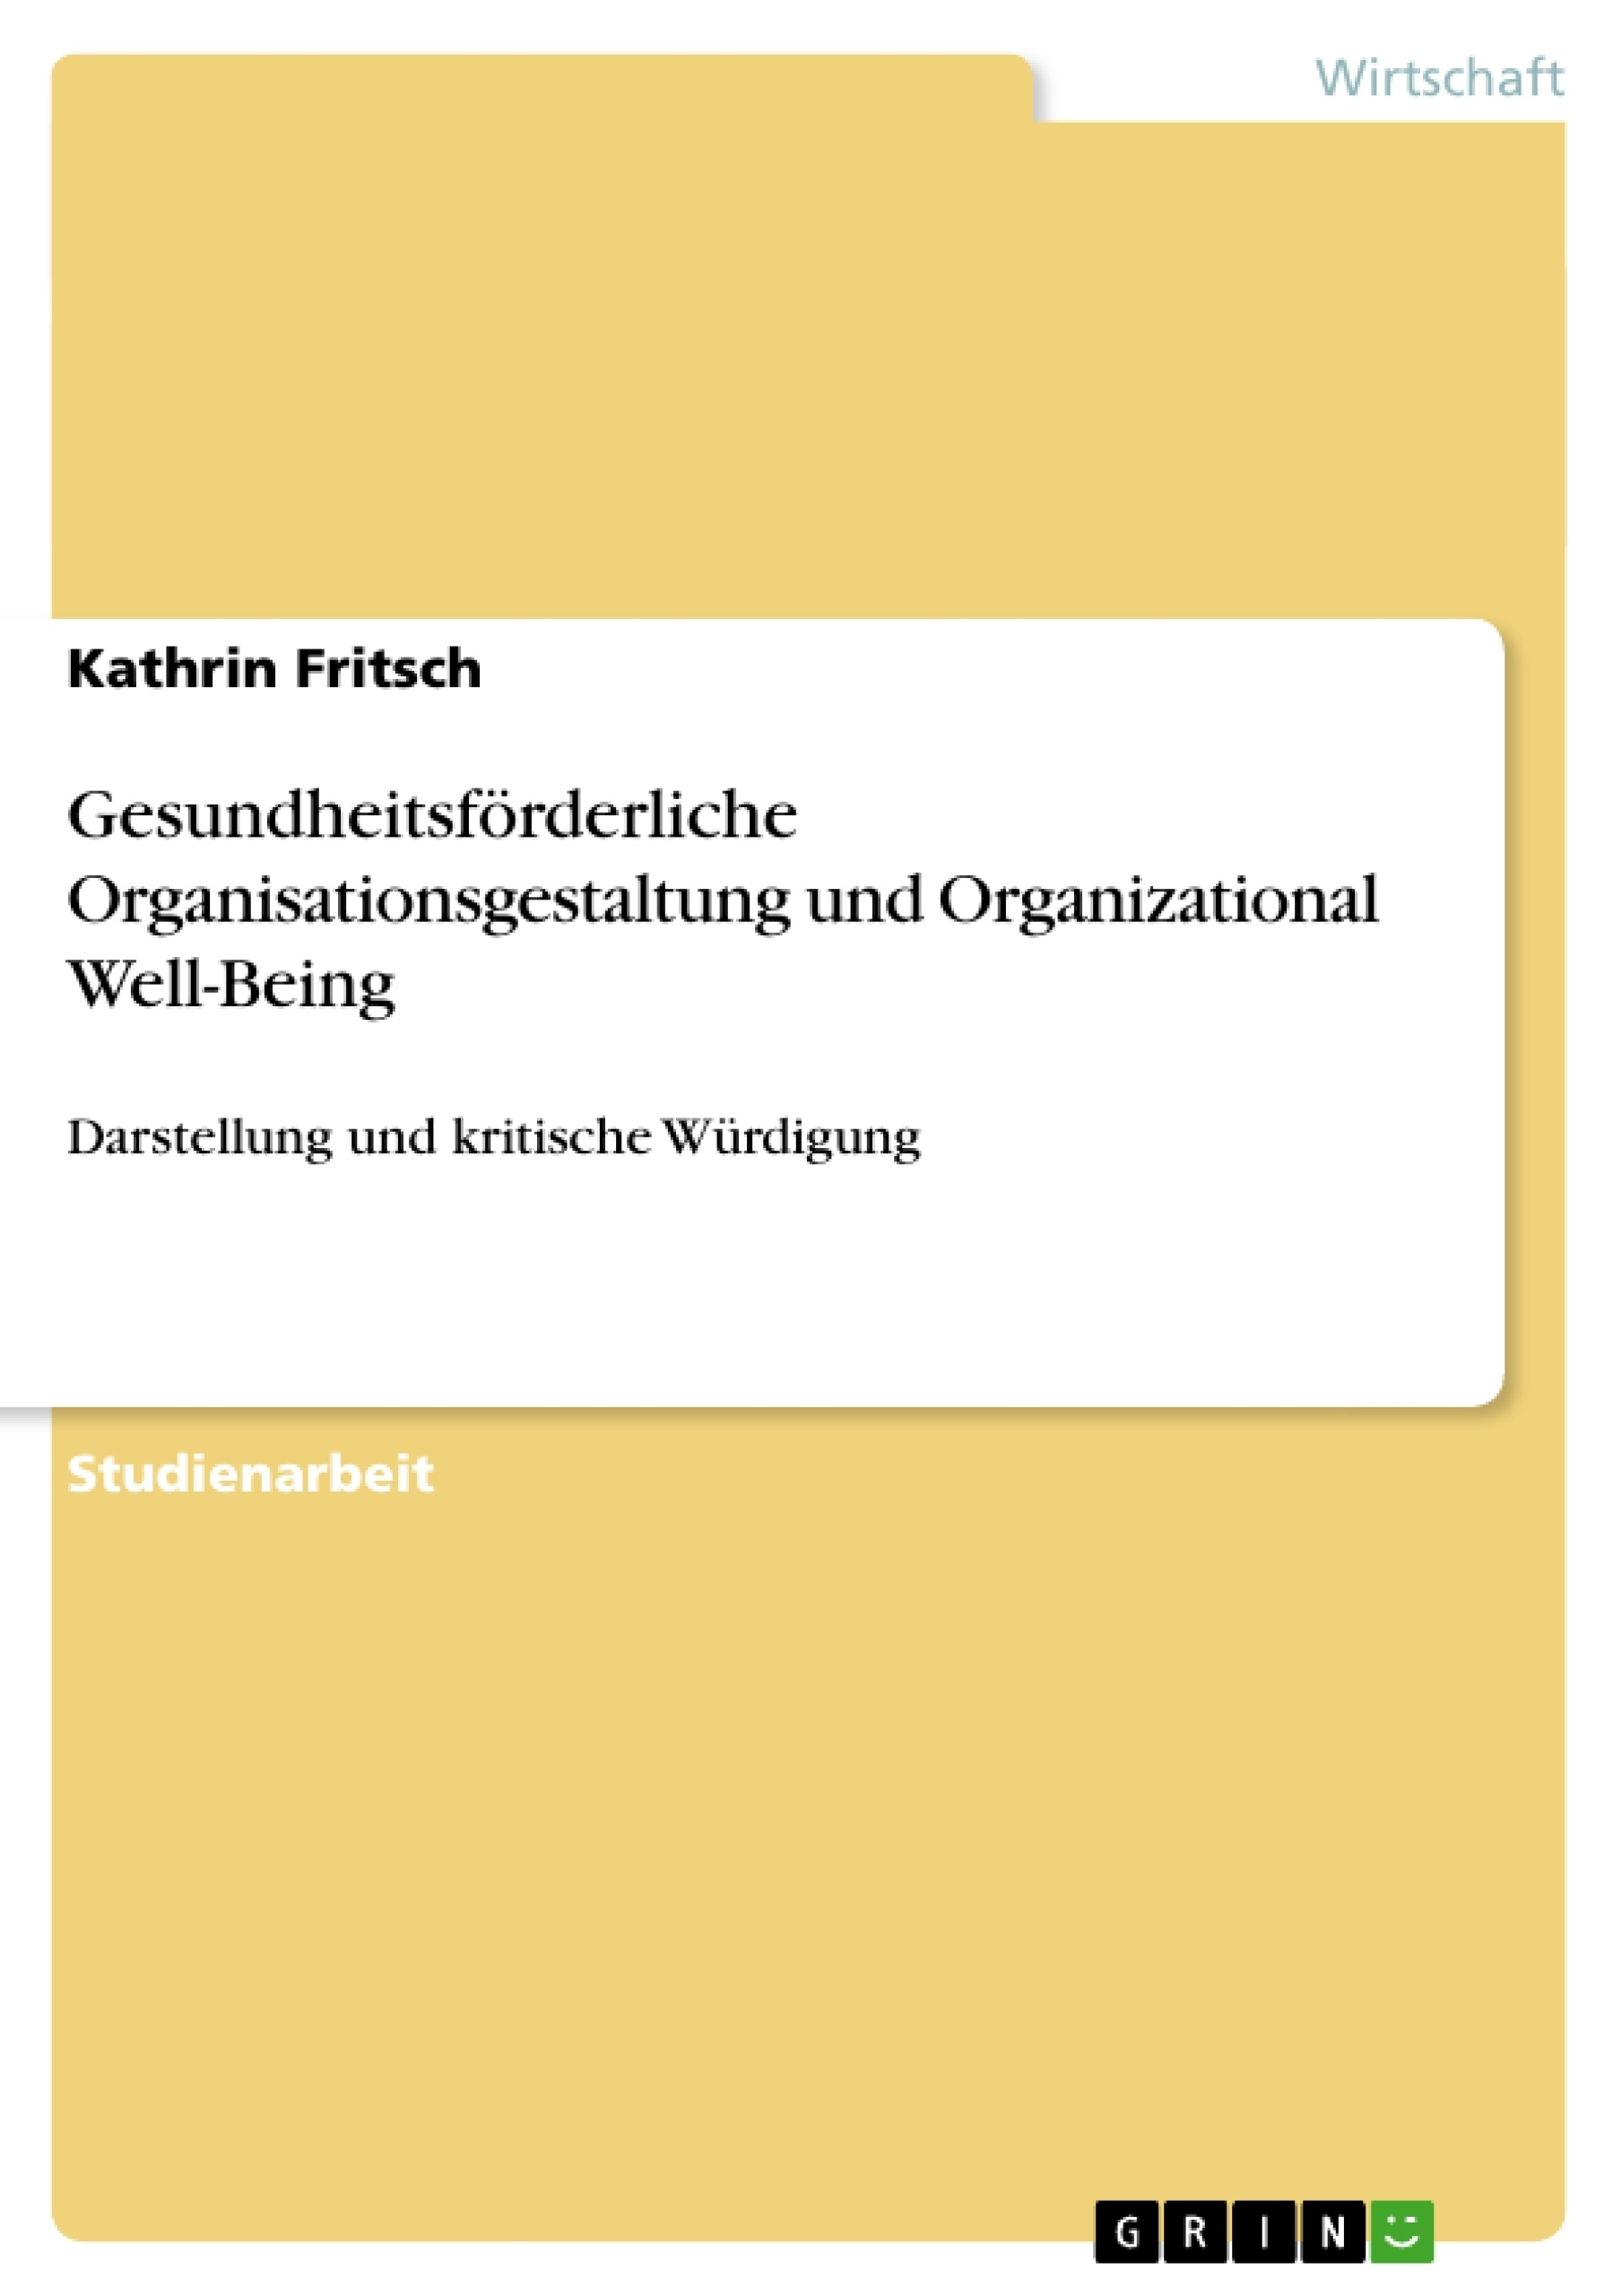 Titel: Gesundheitsförderliche Organisationsgestaltung und Organizational Well-Being